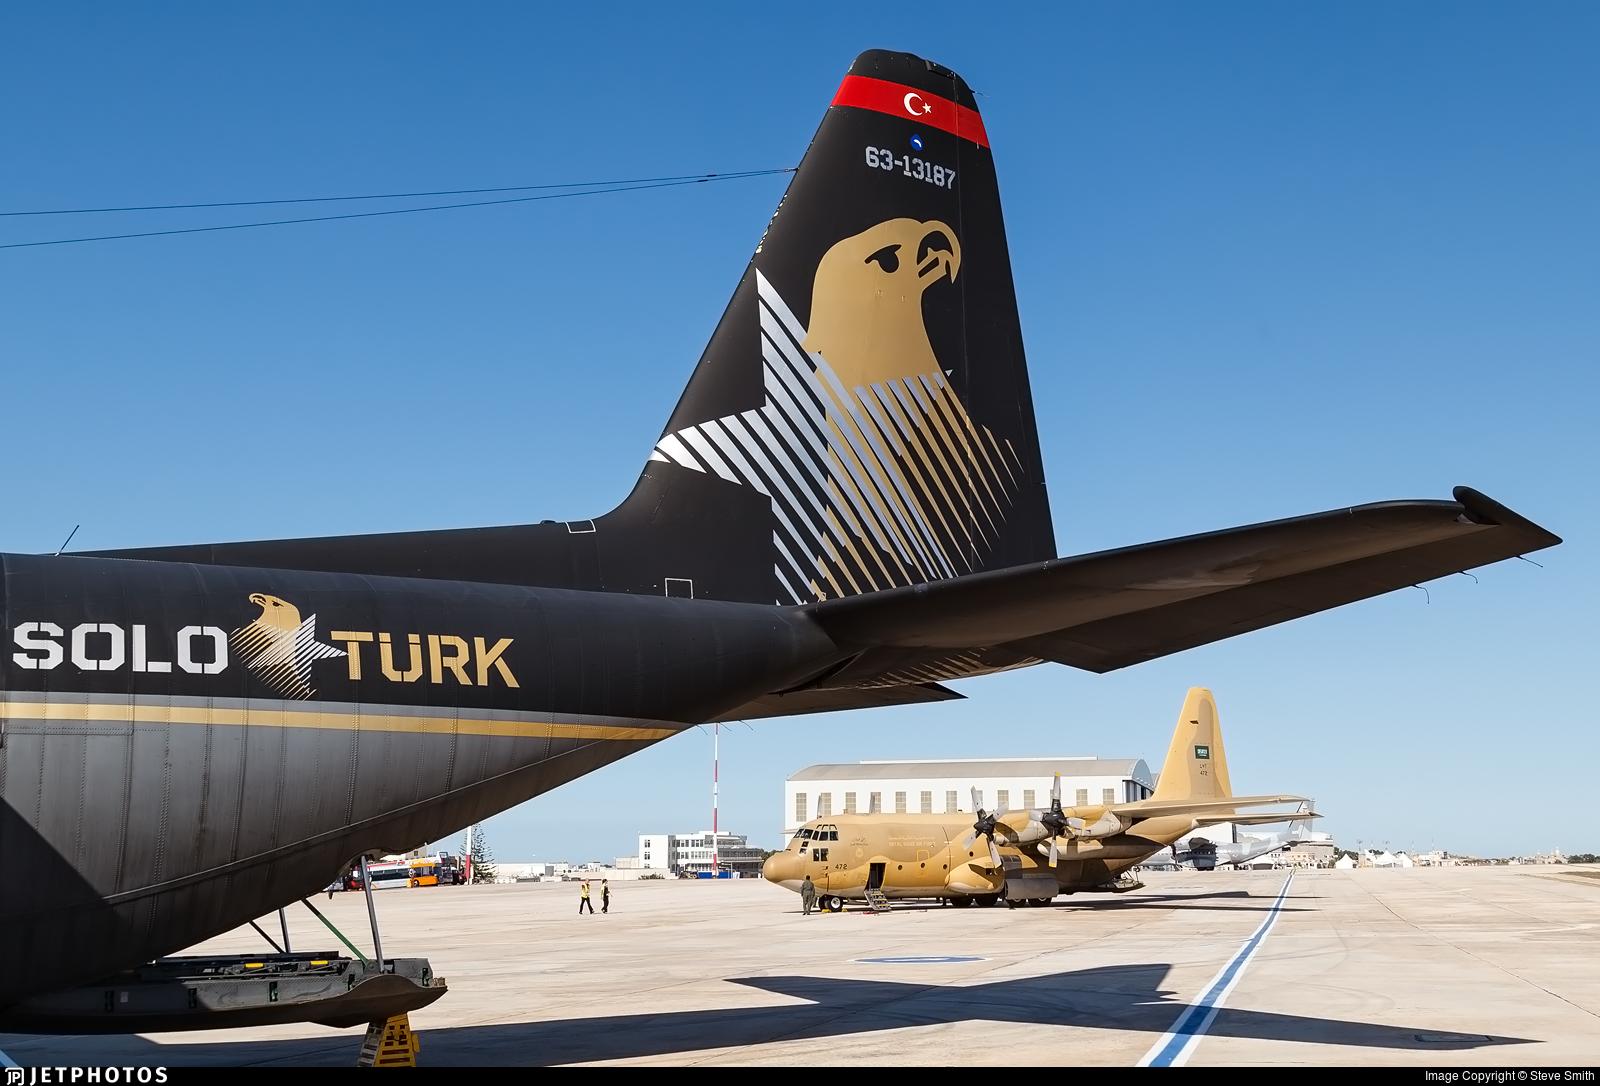 63-13187 - Lockheed C-130E Hercules - Turkey - Air Force